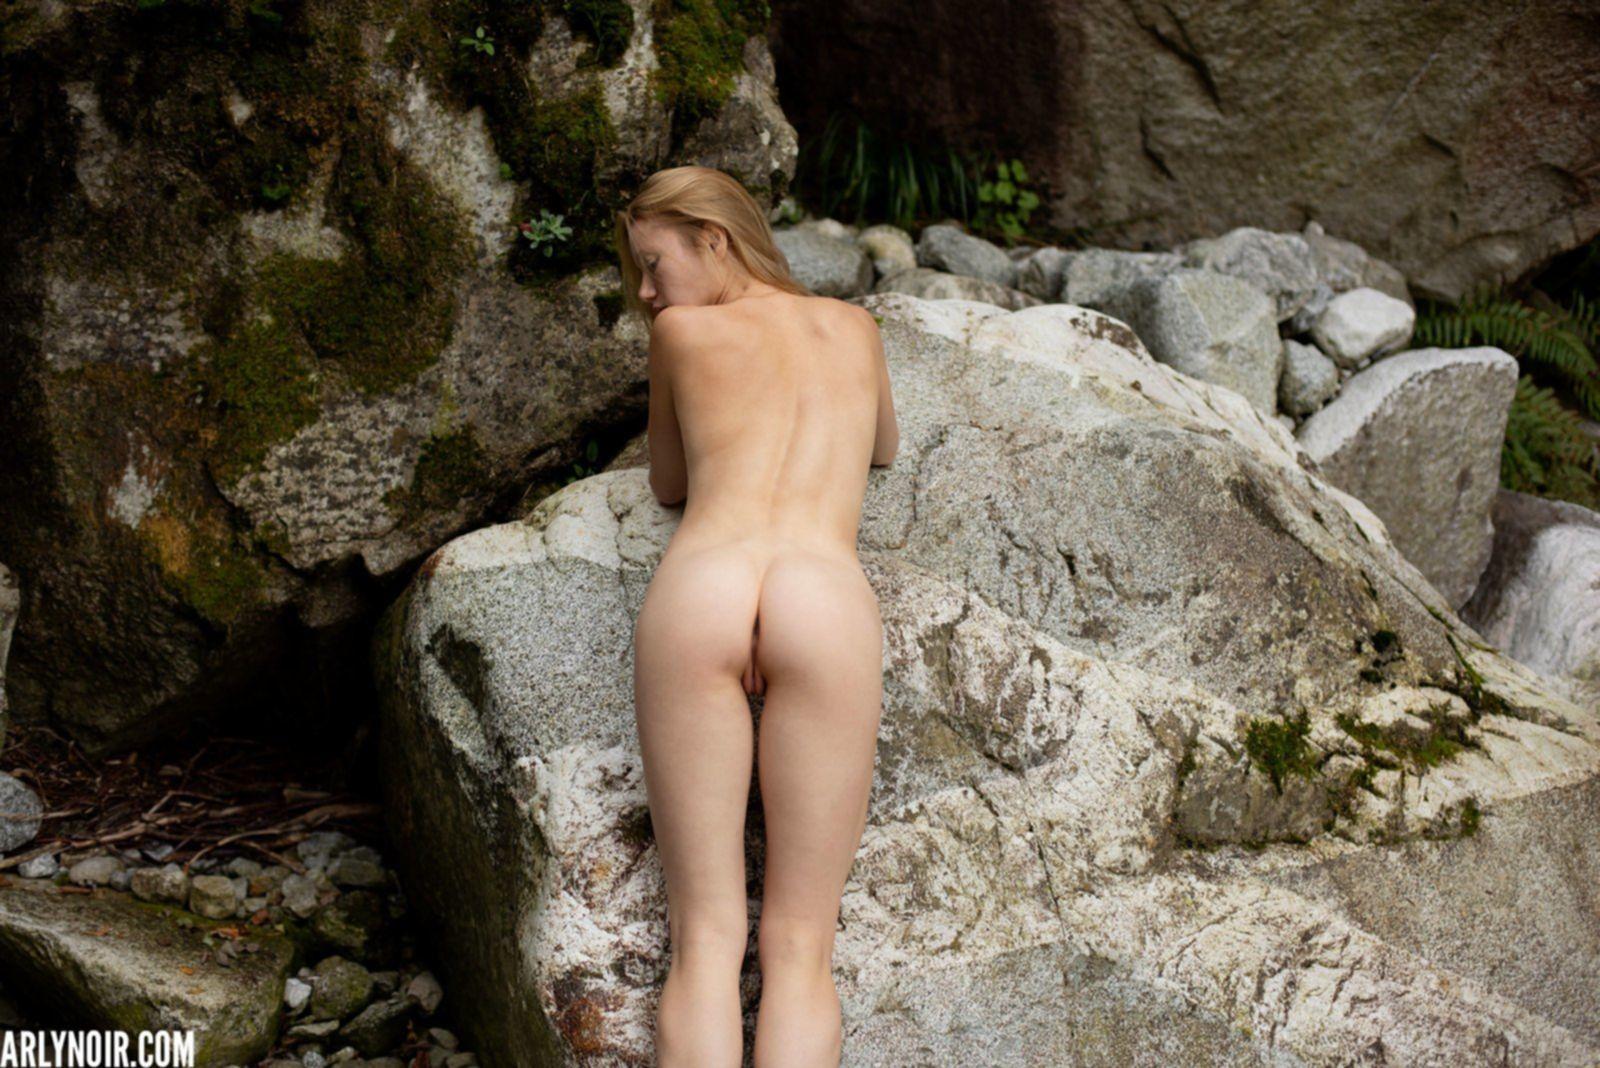 Голая молодая девка с плоской грудью гуляет на улице - фото